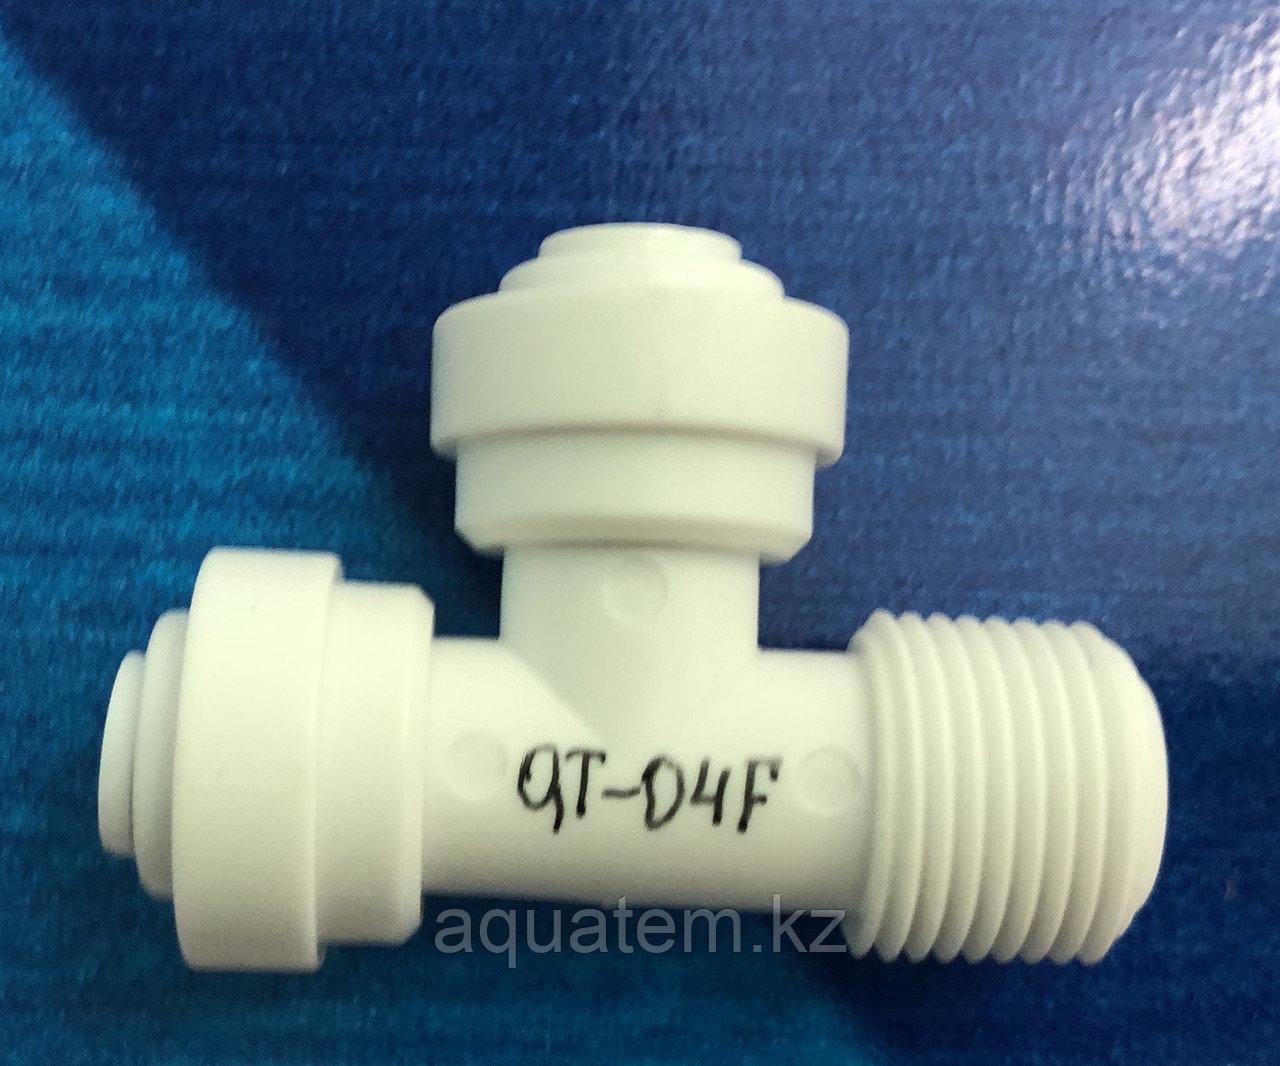 Фитинг QT-04F